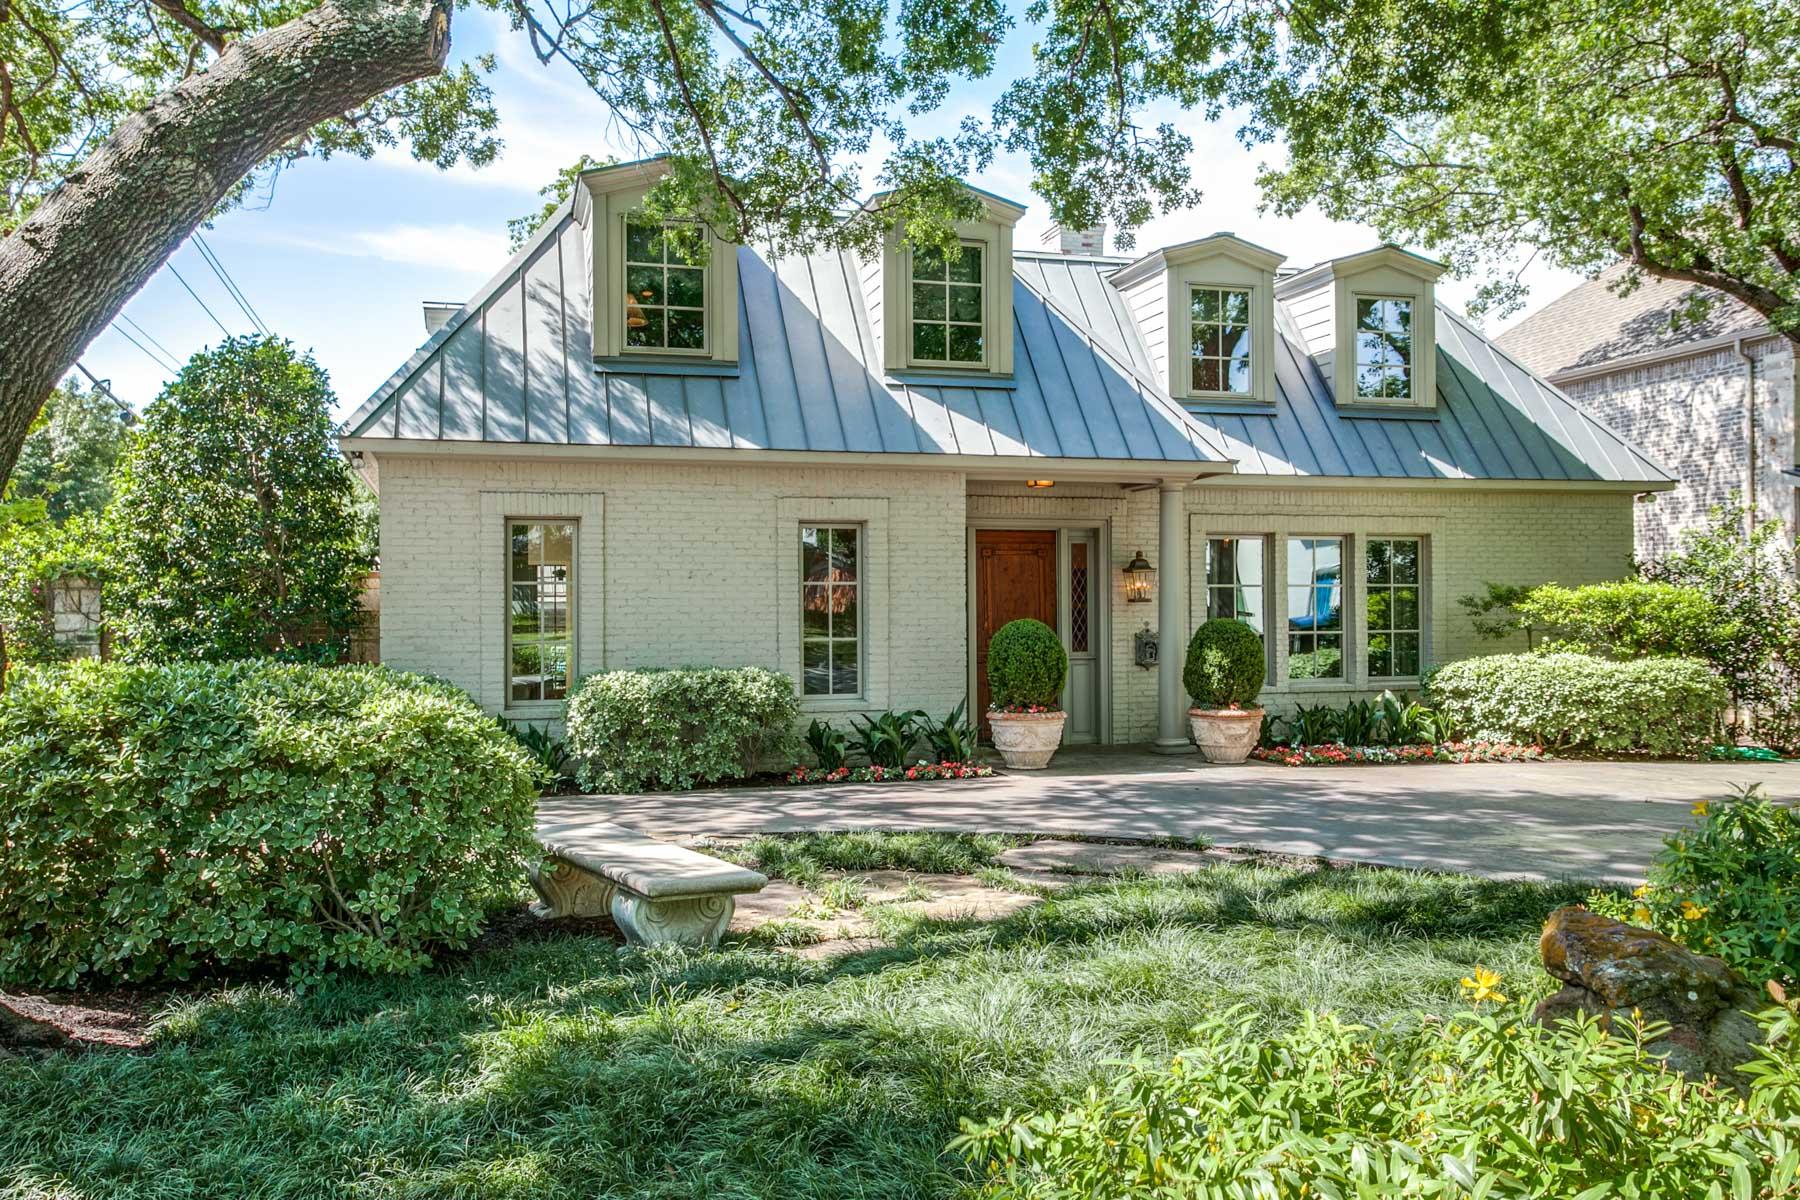 Частный односемейный дом для того Продажа на Caruth Hills Custom Build 7542 Colgate Ave Dallas, Техас, 75225 Соединенные Штаты